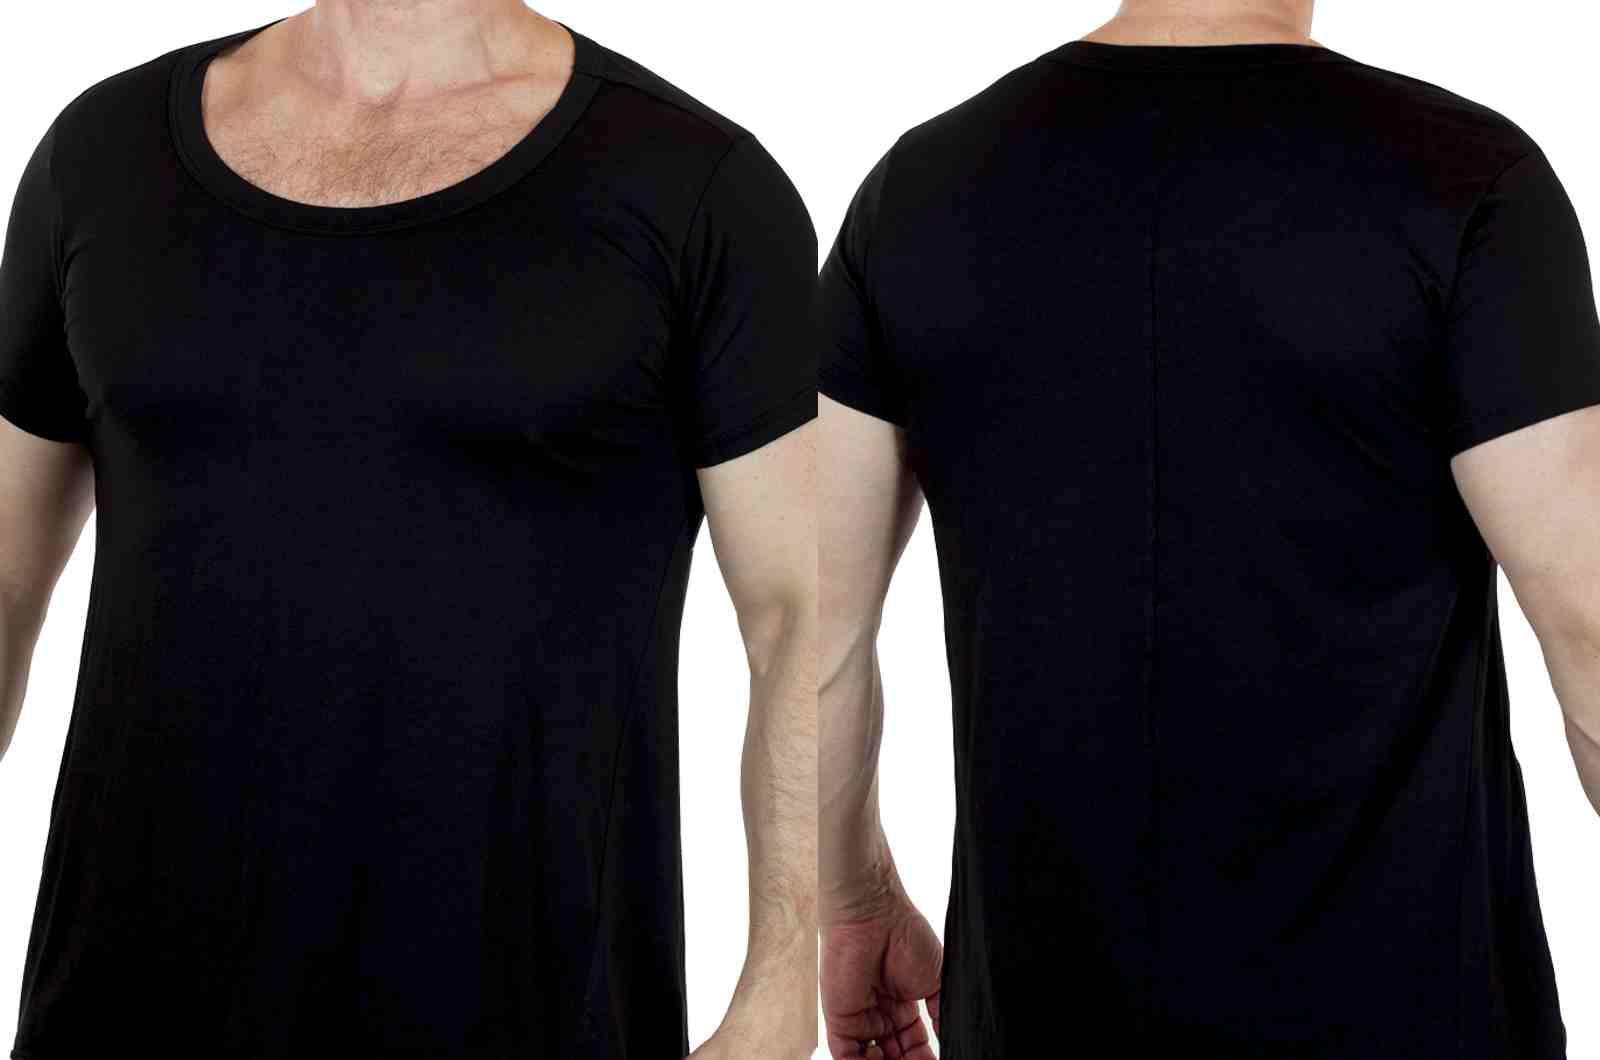 Мужская футболка премиум класса от Commoners (Новая Зеландия)-двойной ракурс